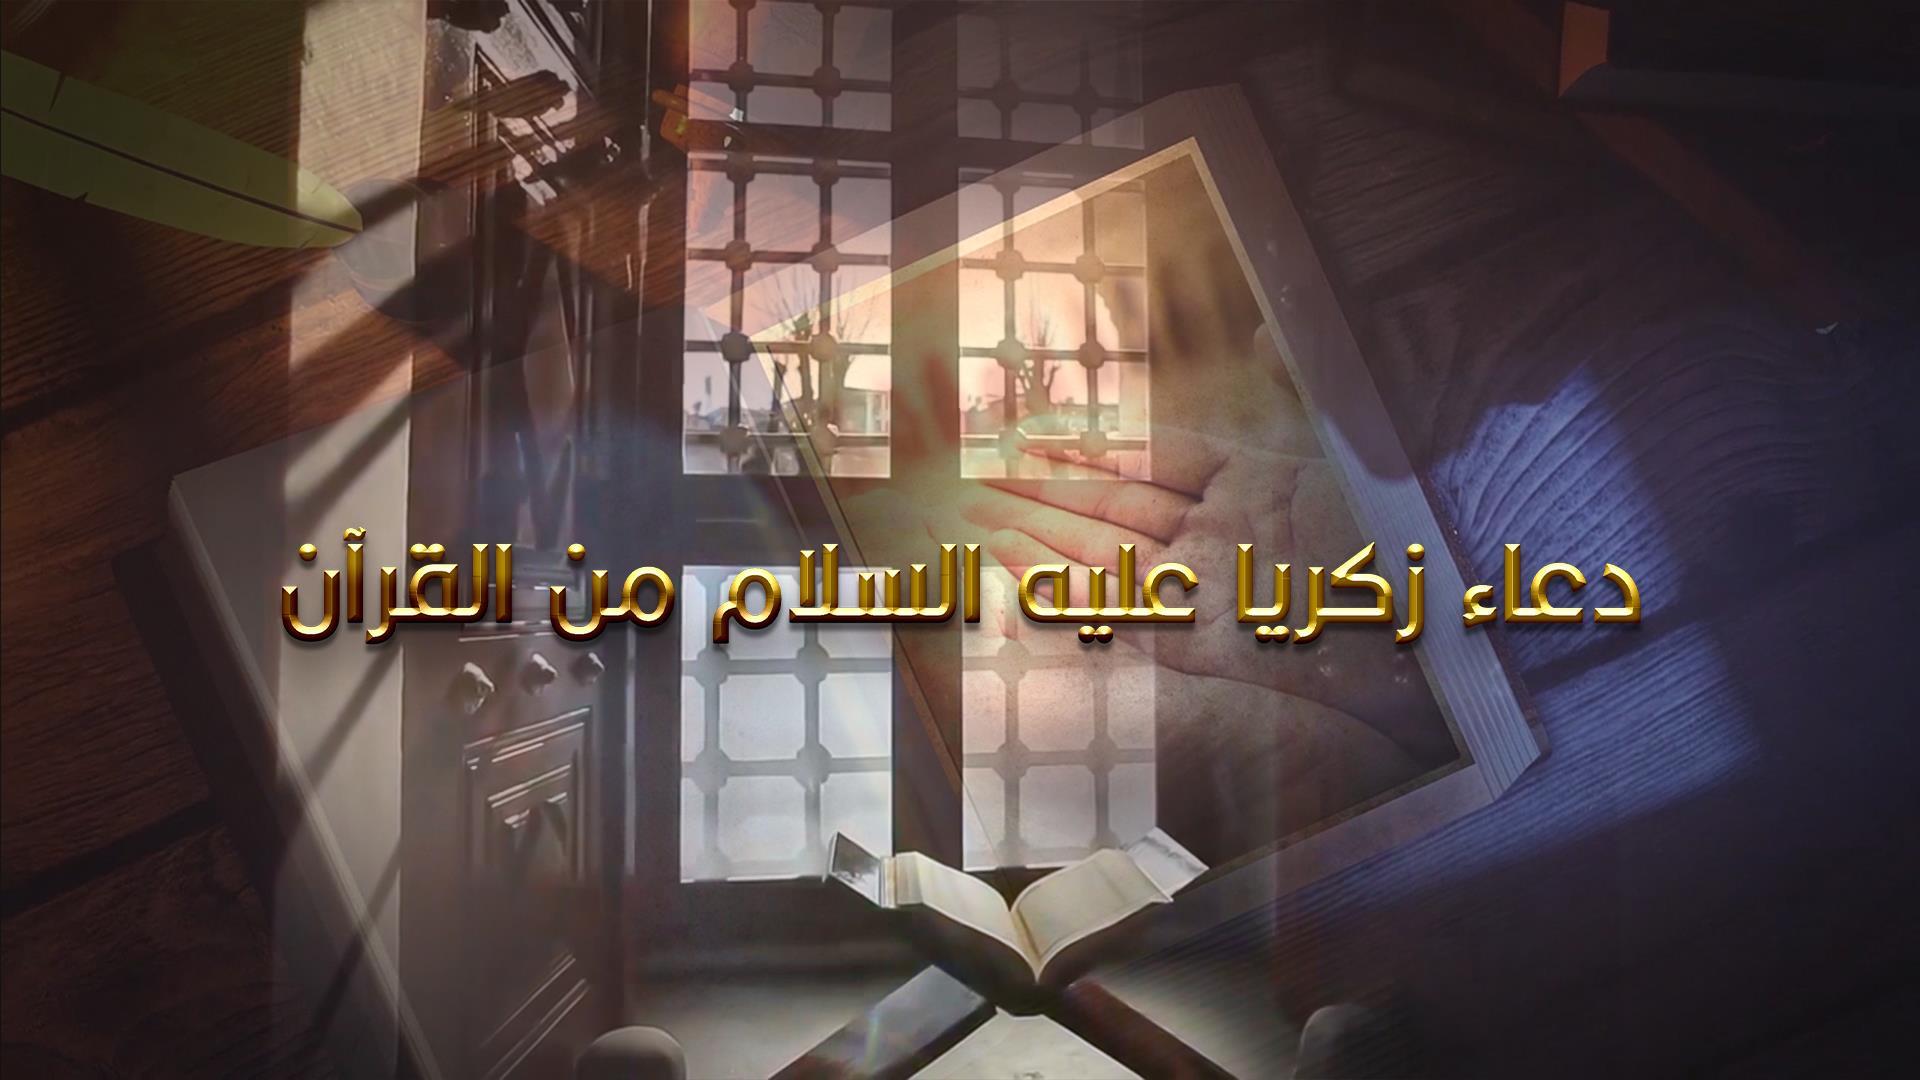 دعاء زكريا عليه السلام من القرآن  منصة المناجاة الرقمية